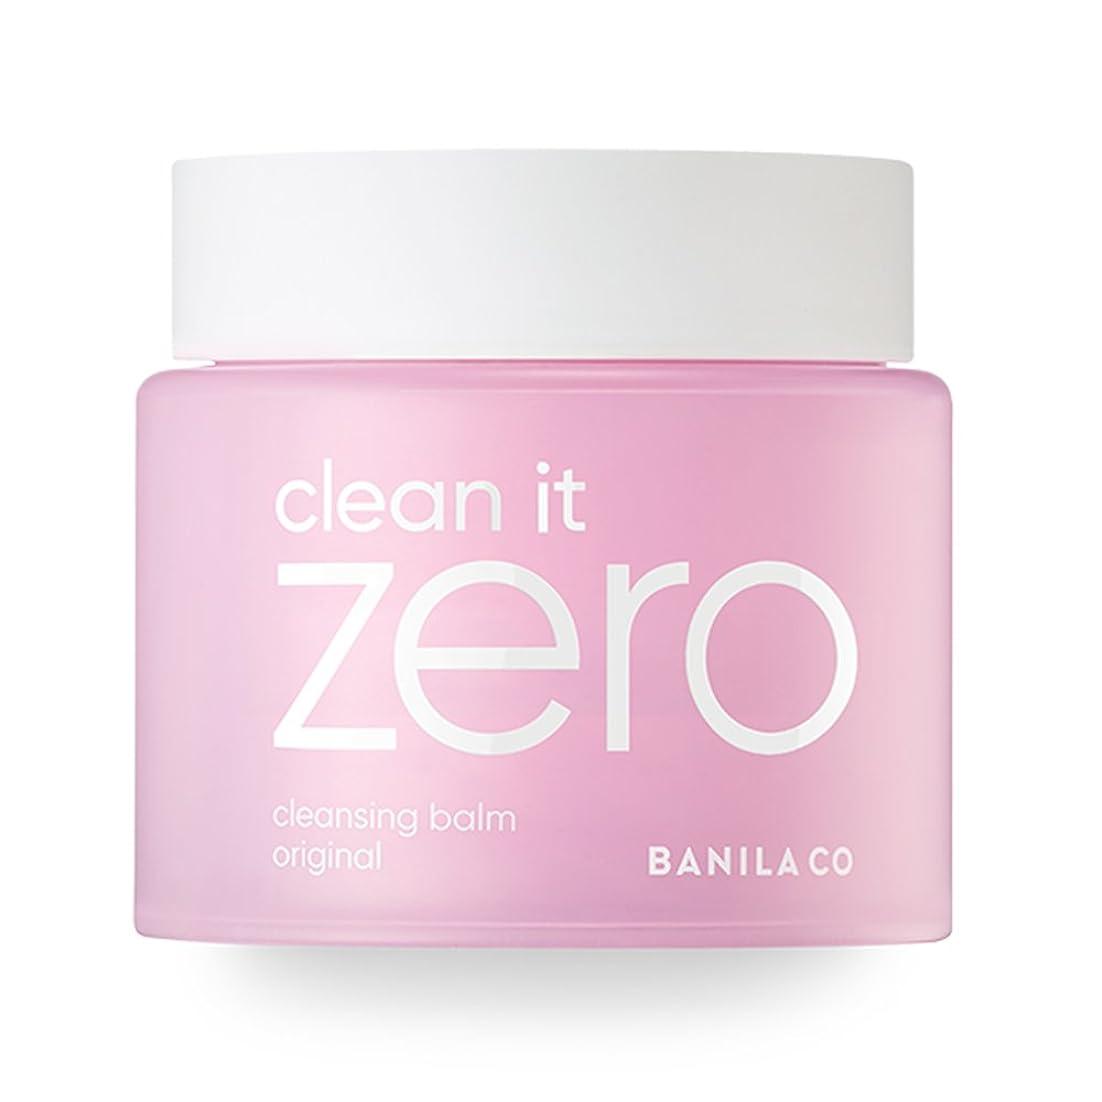 堂々たる終わり面BANILA CO(バニラコ)公式ストア  バニラコ クリーン イット ゼロ クレンジング バーム オリジナル / Clean It Zero Cleansing Balm Original 180ml